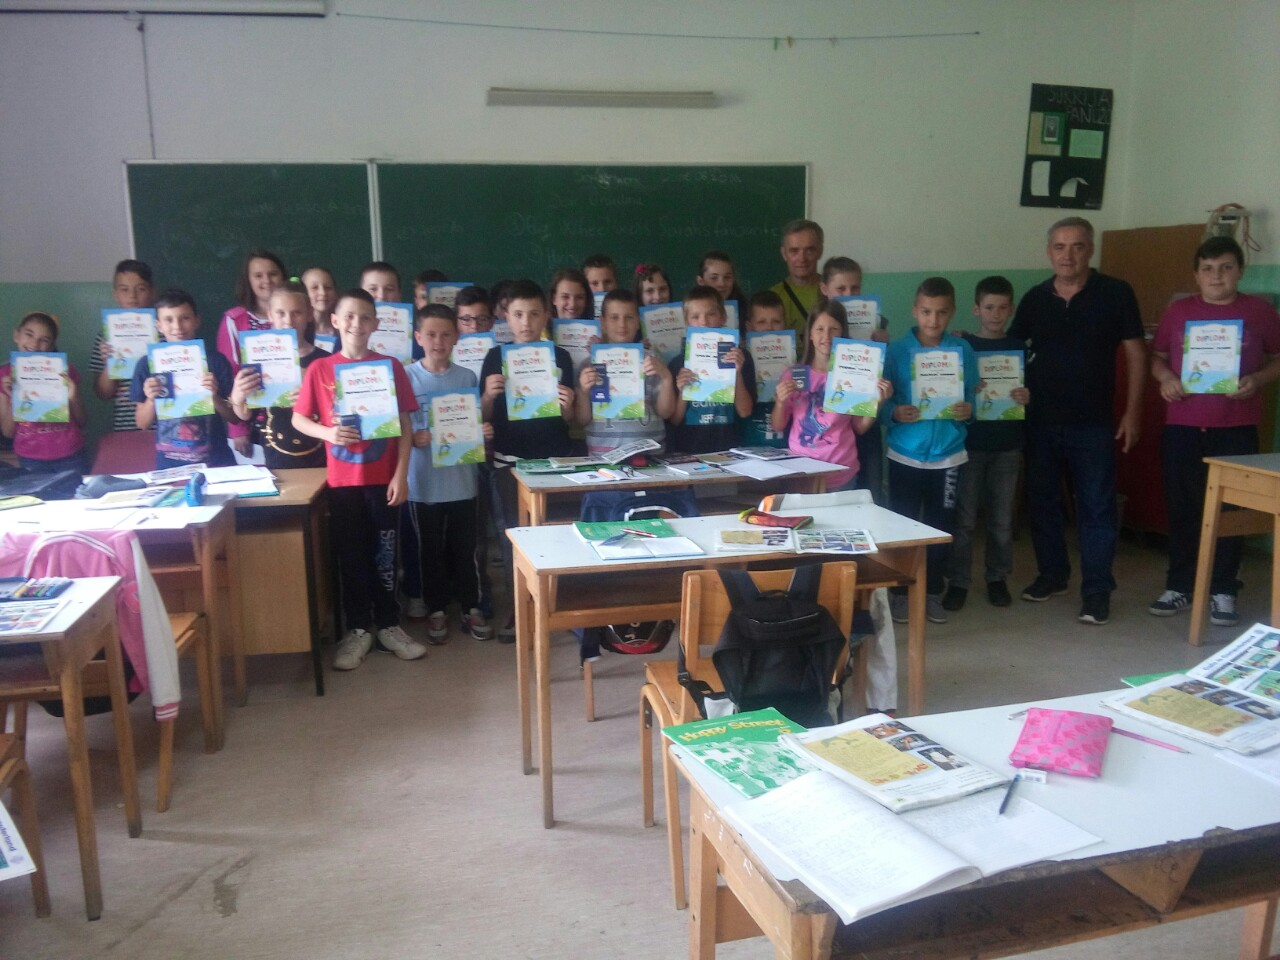 Podijeljene diplome i ribolovne dozvole učenicima OŠ Dobroševići